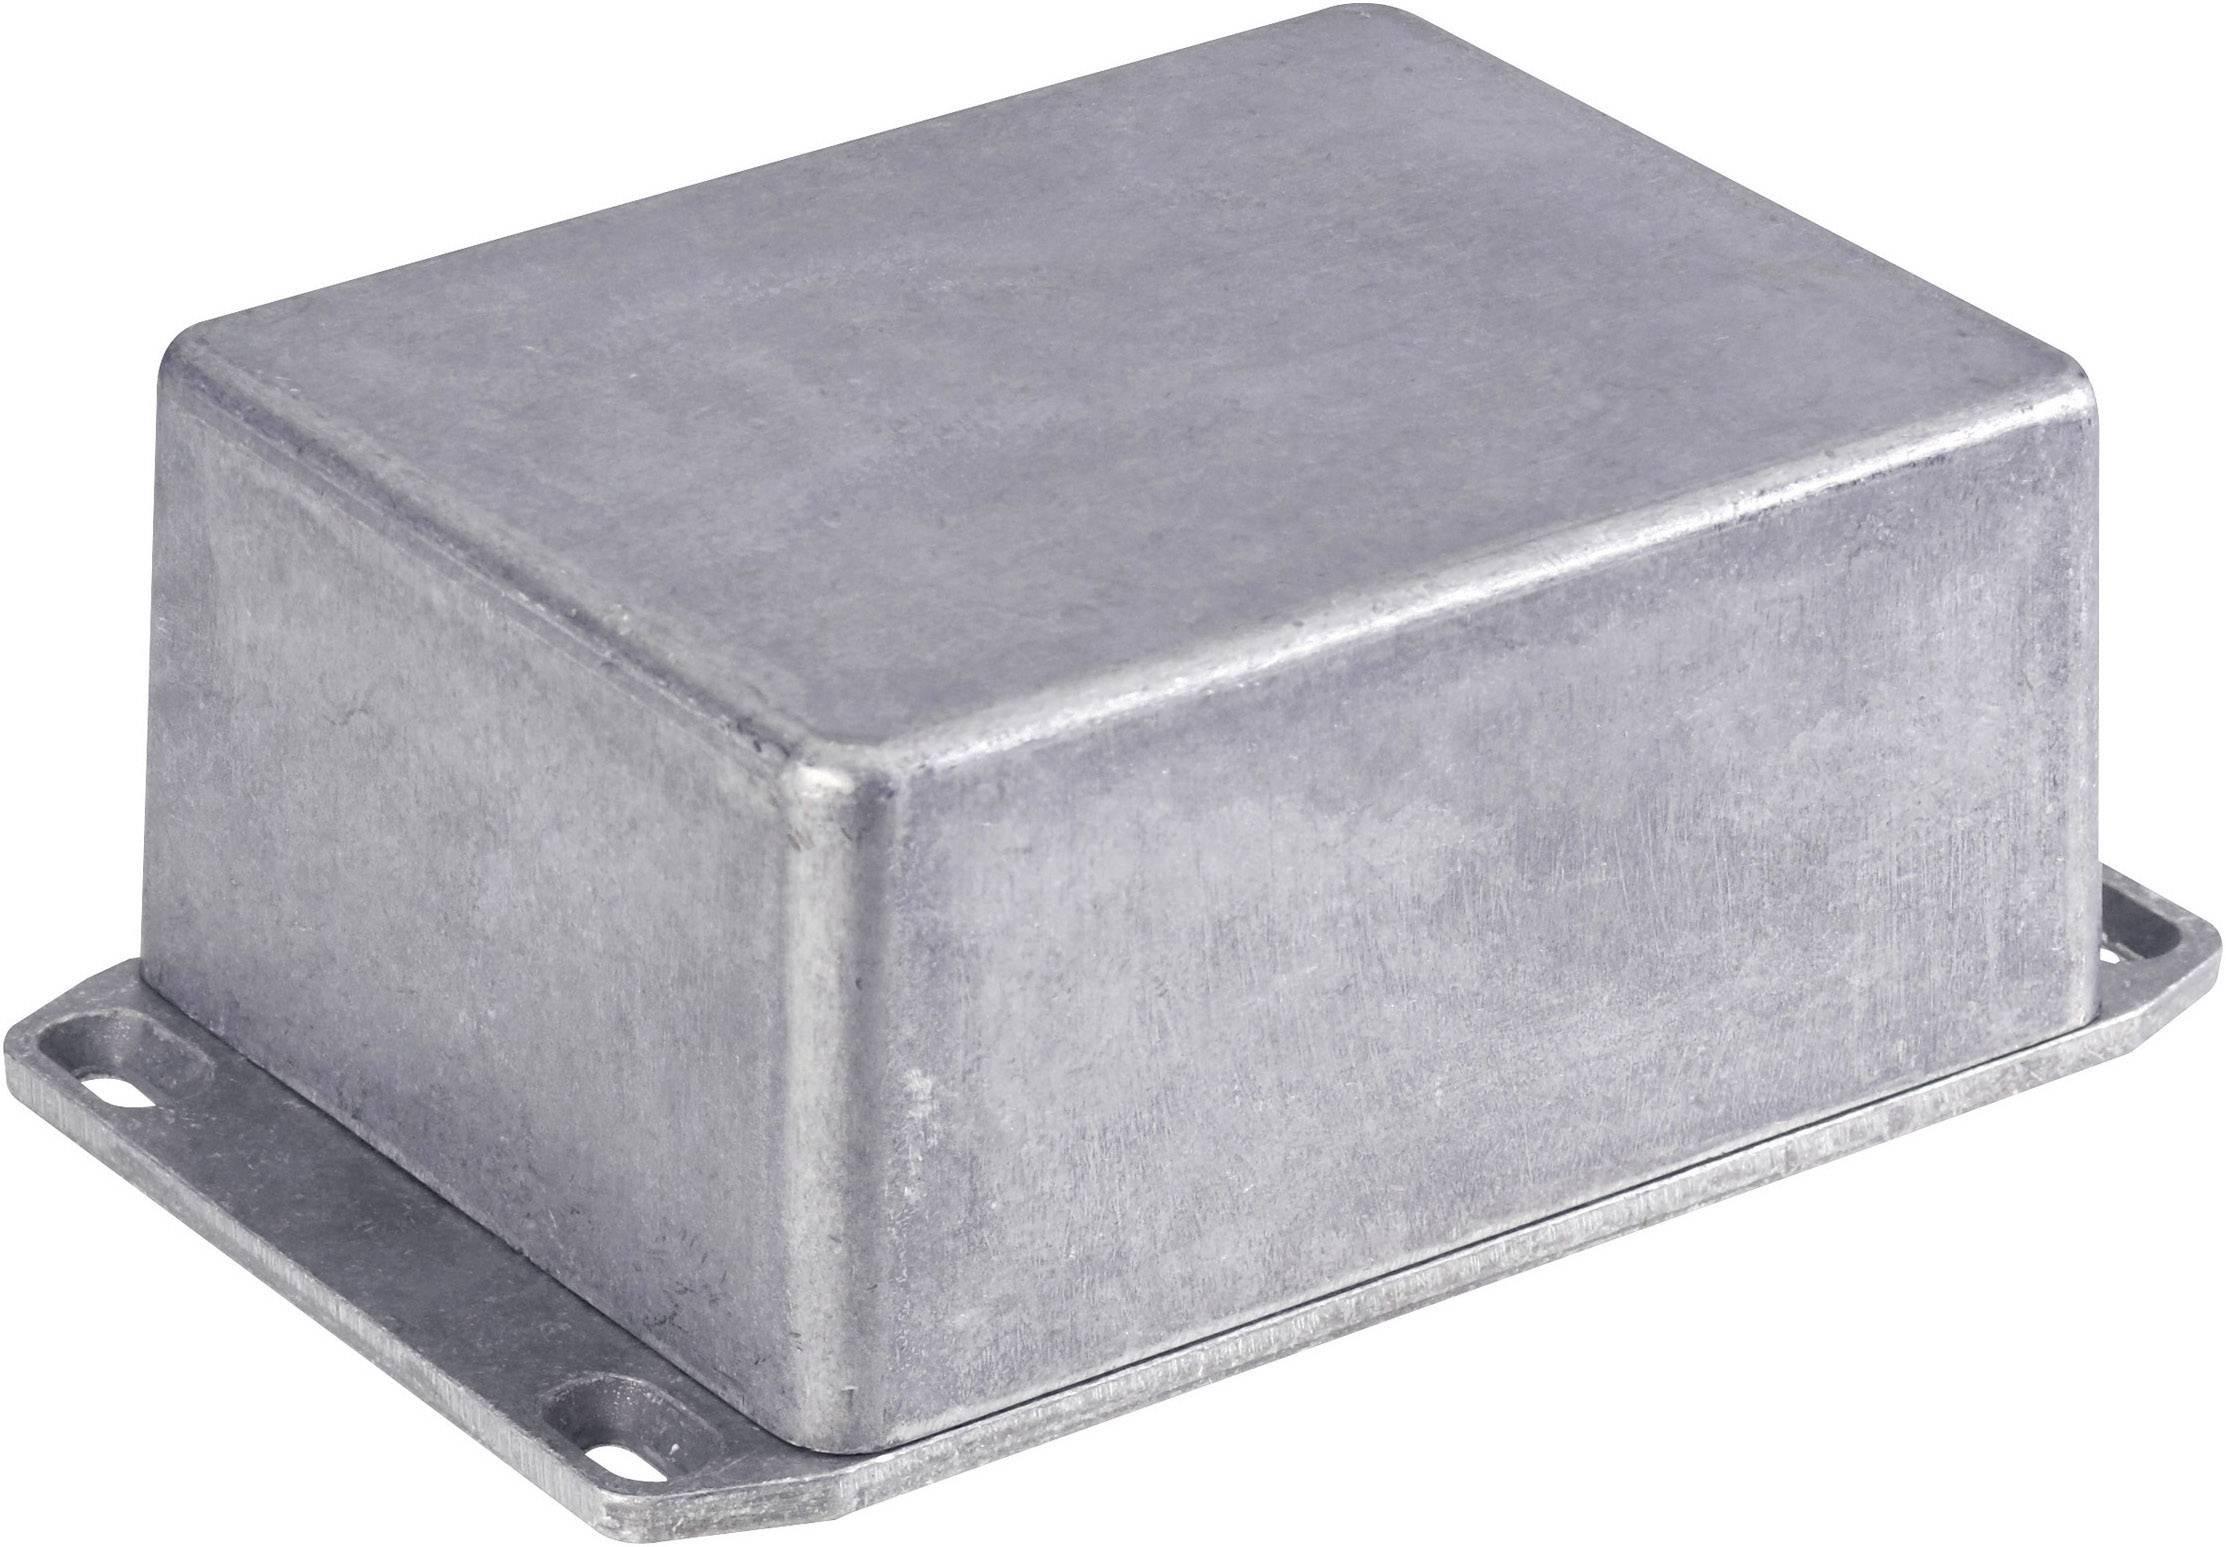 Tlakem lité hliníkové pouzdro Hammond Electronics 1590PFLBK, (d x š x v) 153 x 82 x 50 mm, černá